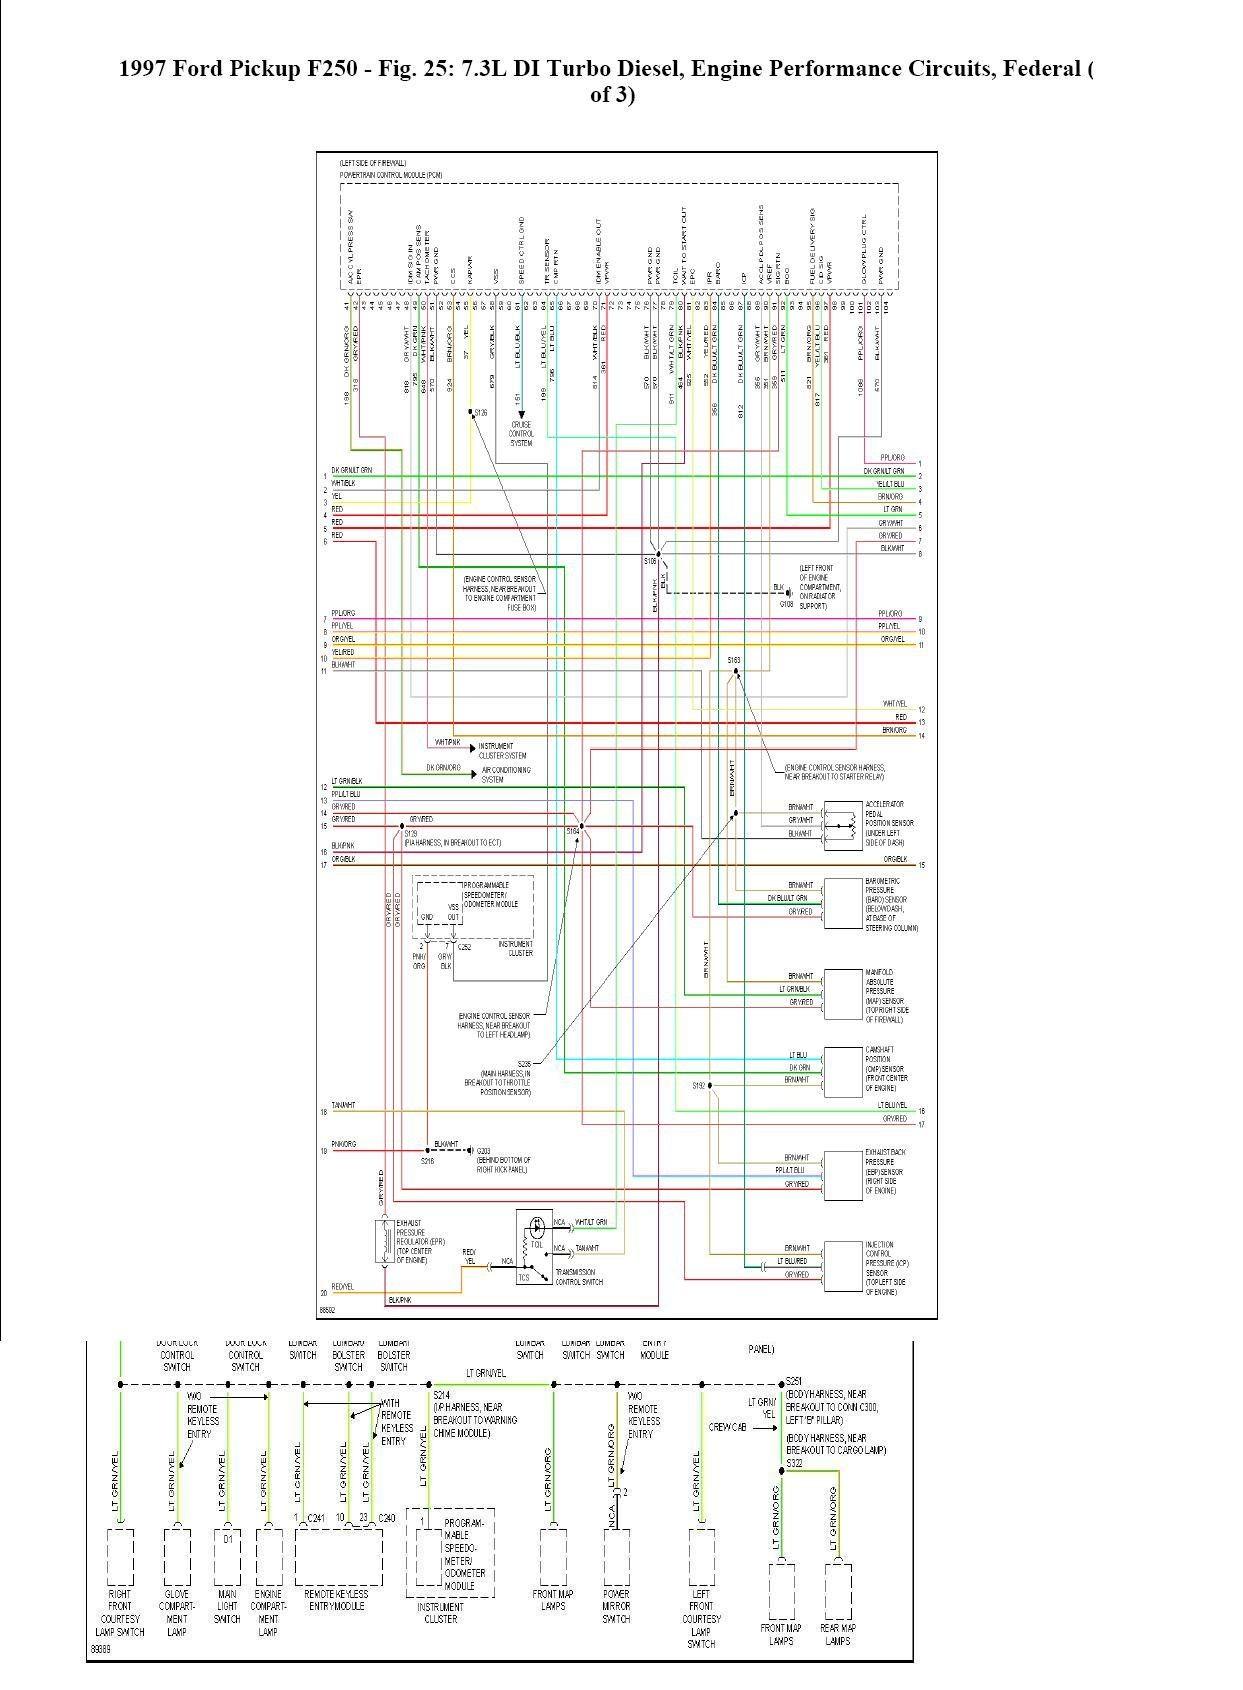 6.7 Powerstroke Wiring Diagrams Plete Wiring Schematic Of 6.7 Powerstroke Wiring Diagrams